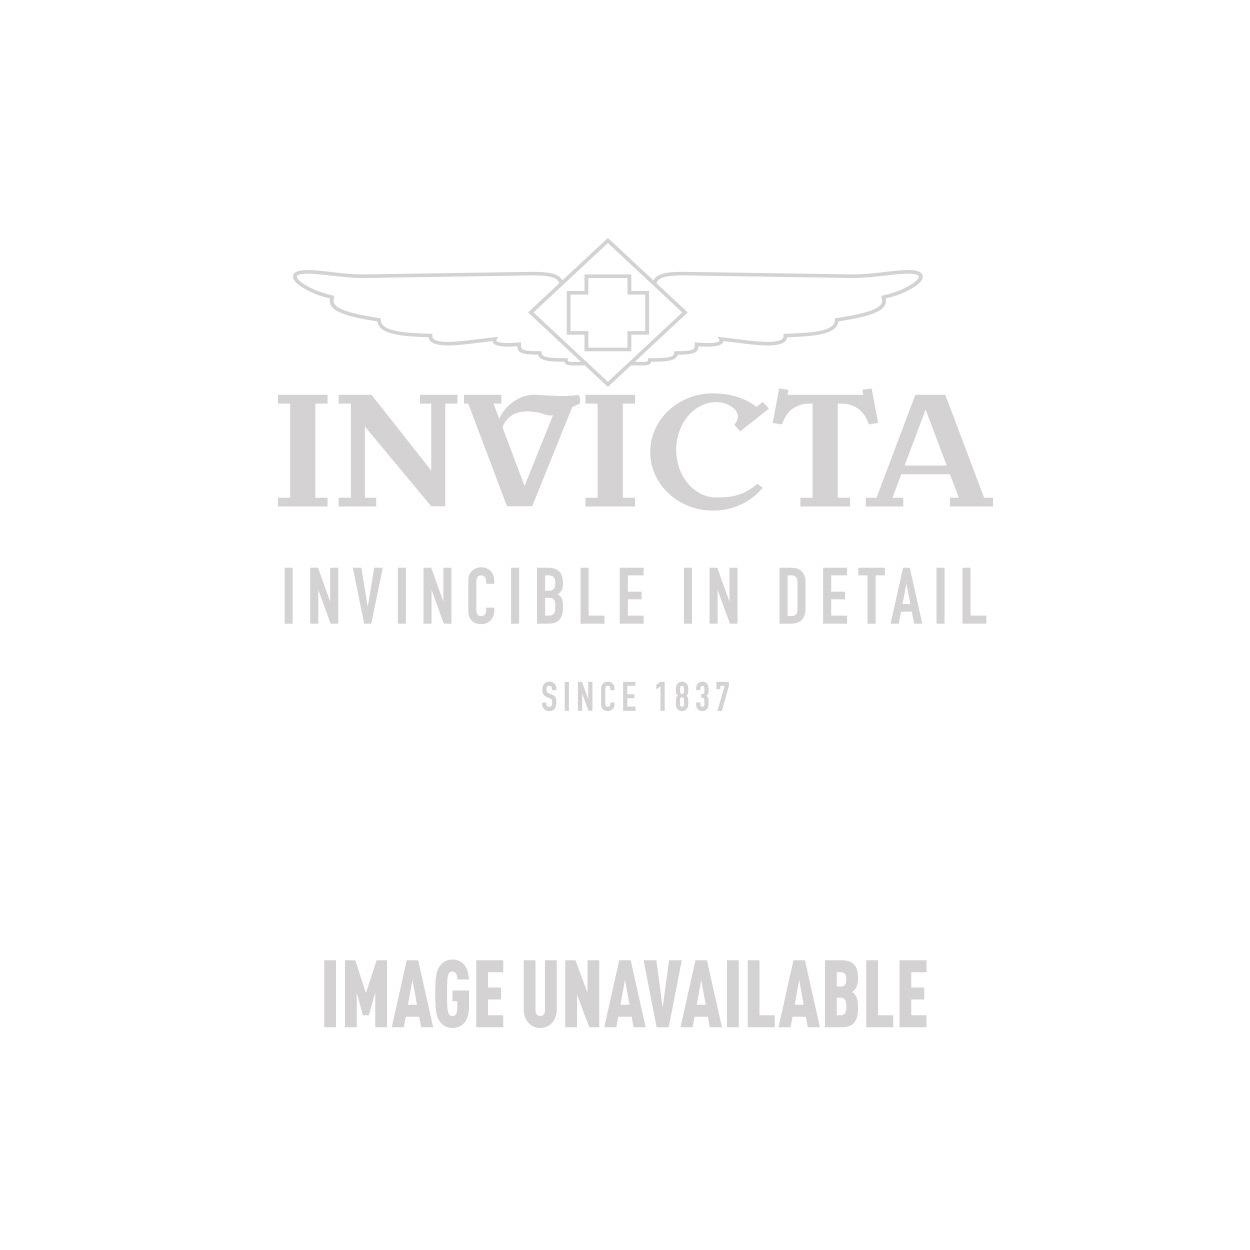 Invicta Model 29303